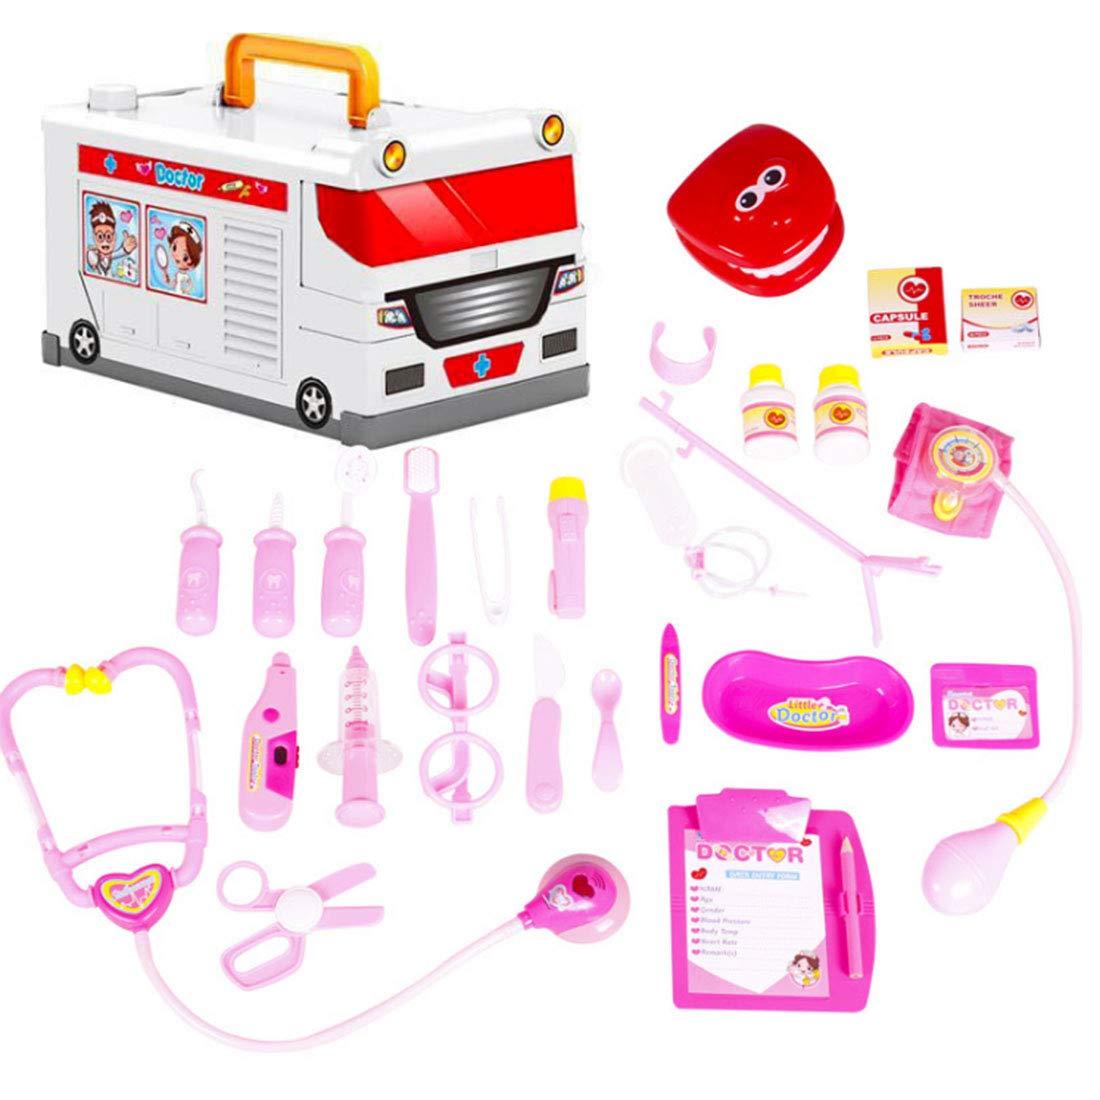 Giplar Spielzeug Simulation Medizin Kasten Doktor Set Doktorkoffer Zubehör mit Arztköfferchen Kinder